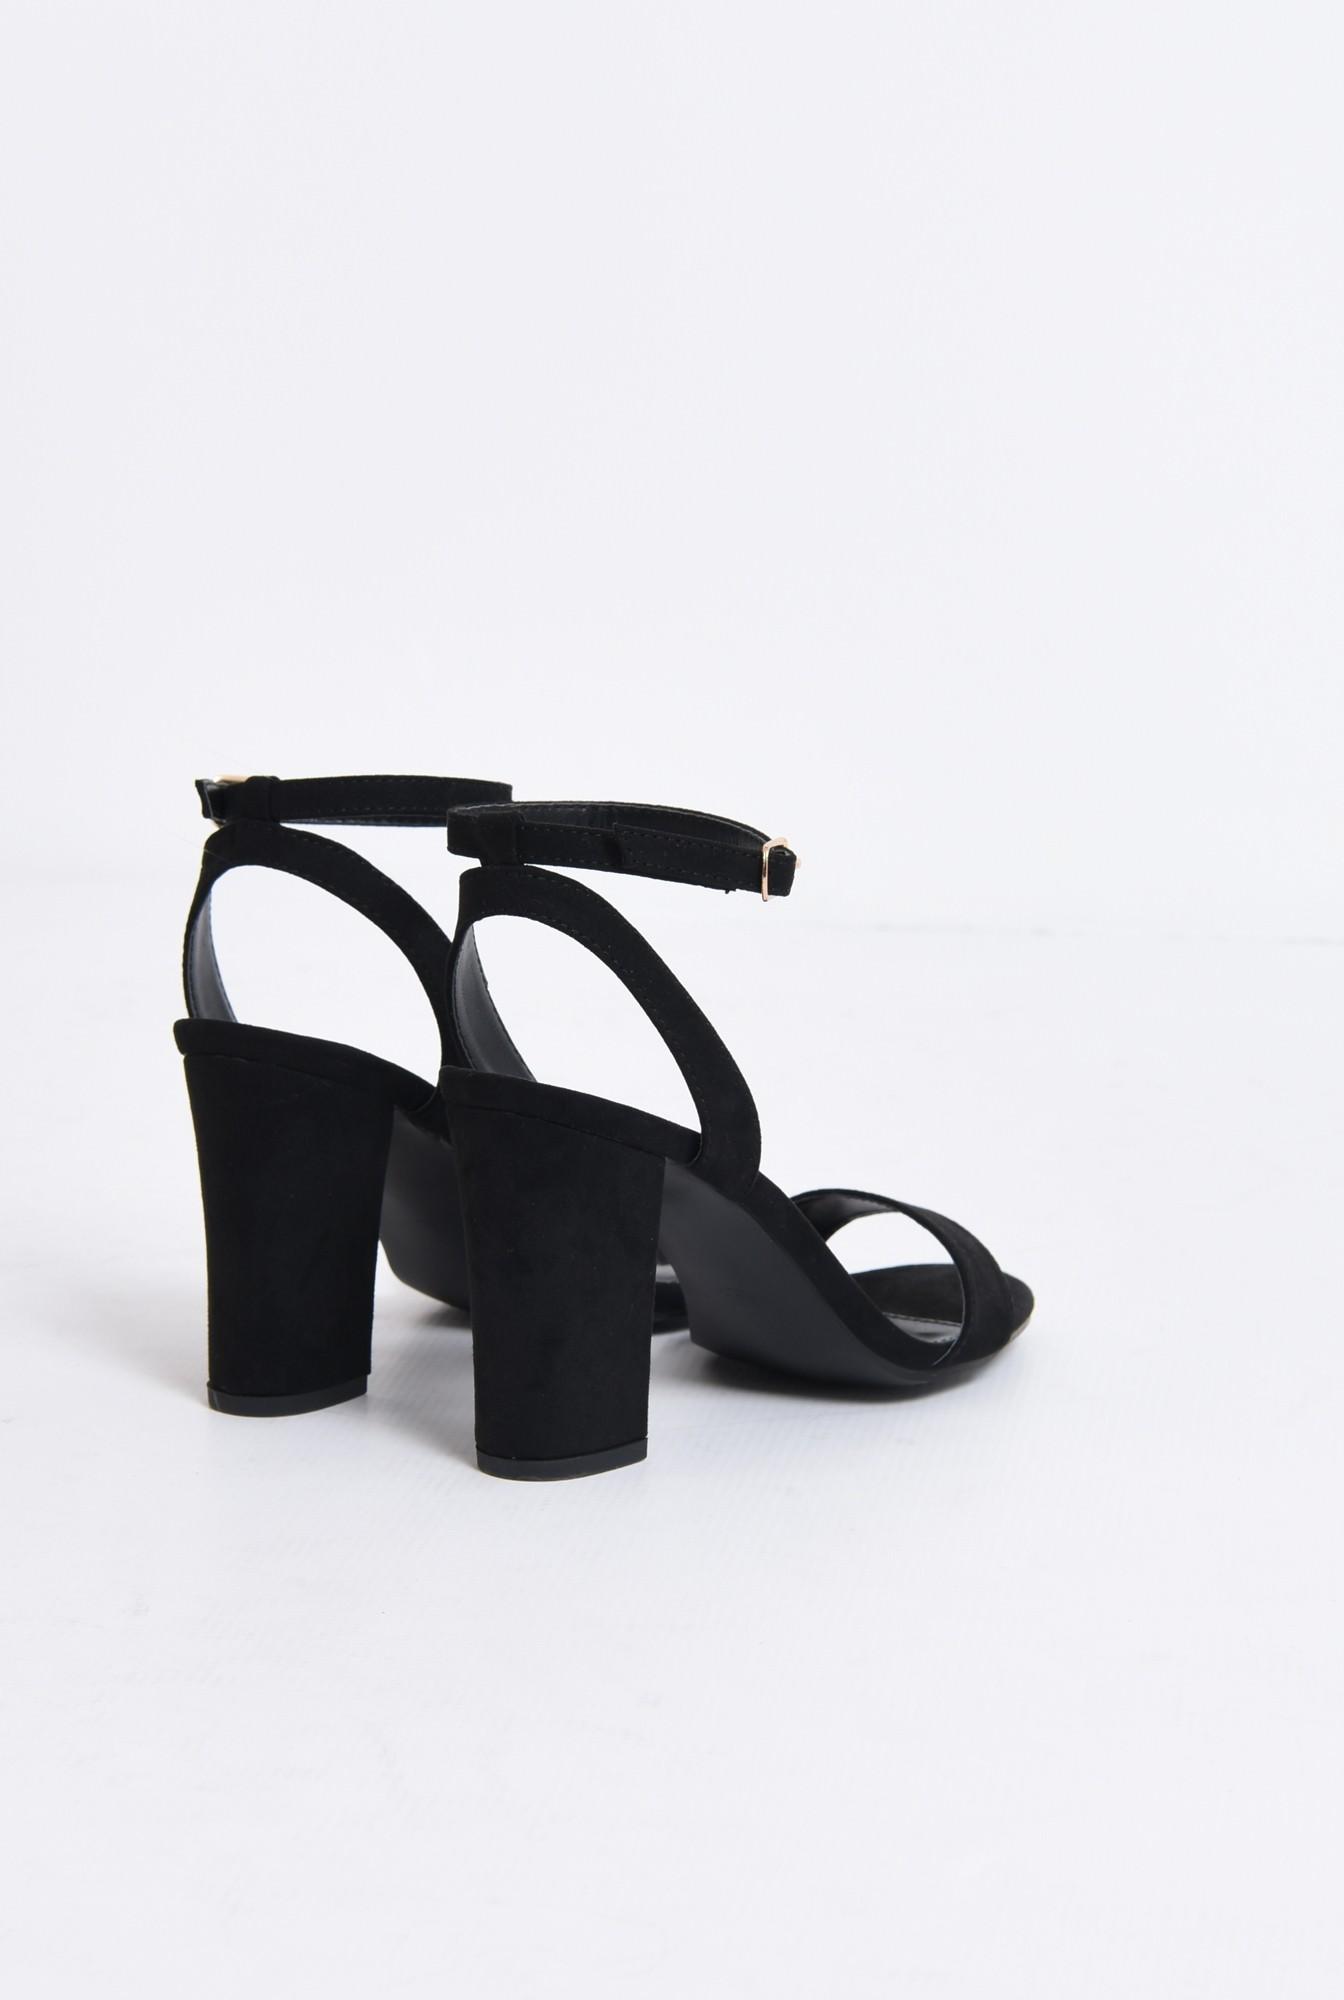 2 - sandale elegante, negre, din catifea, toc gros